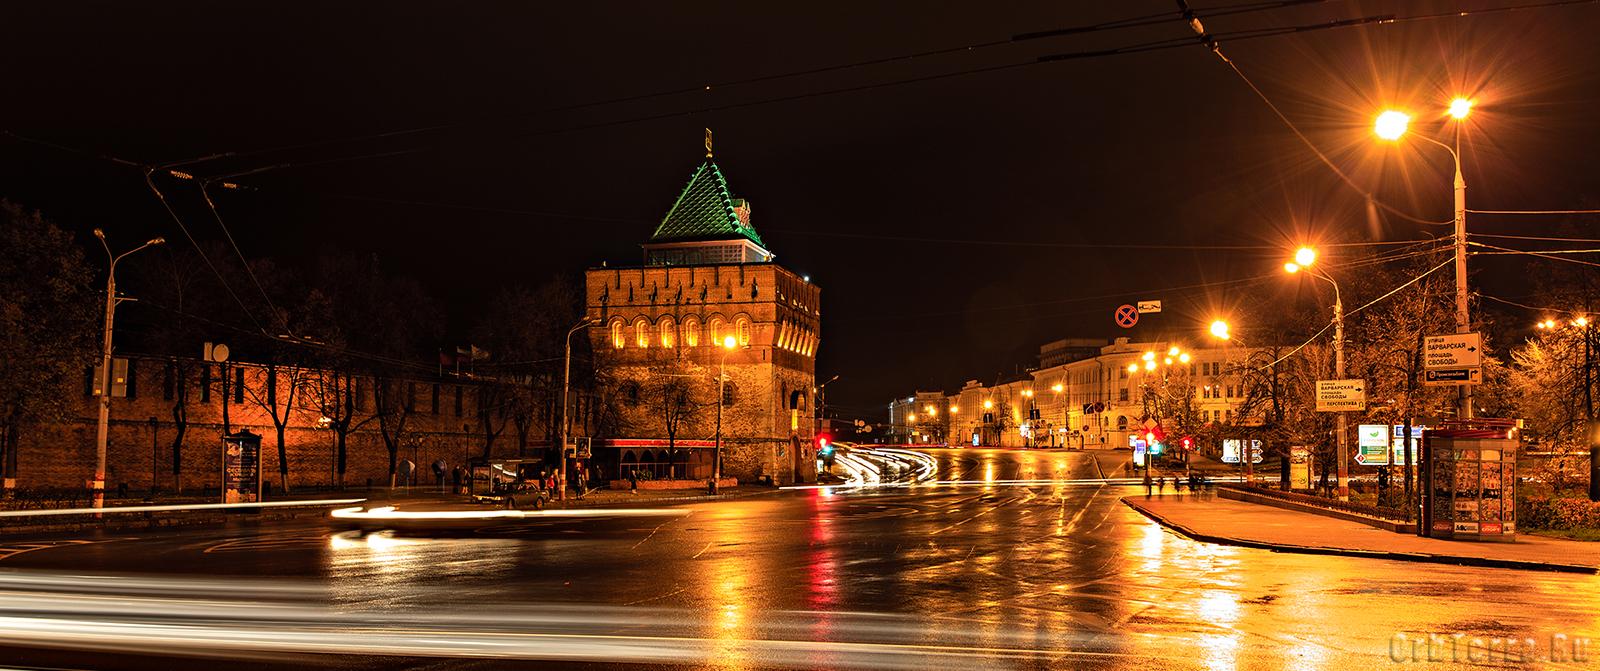 Ночной Нижний Новгород.